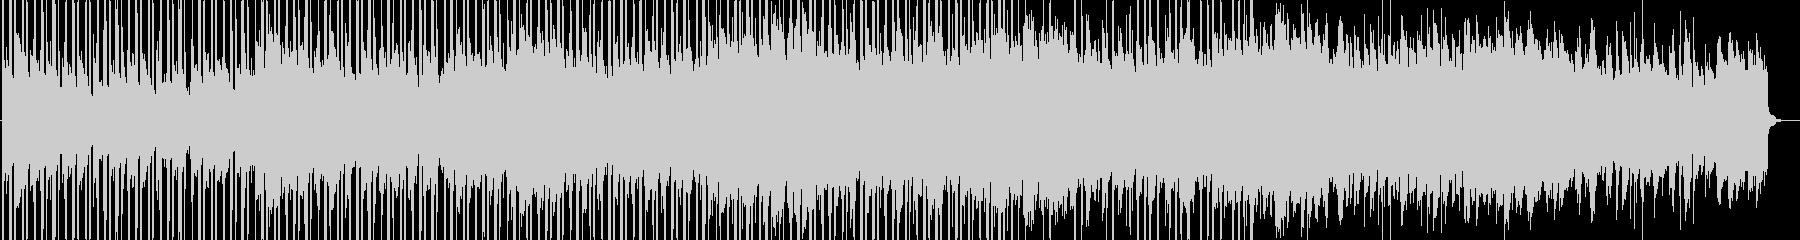 綺麗で感動的なクリーンBGMの未再生の波形